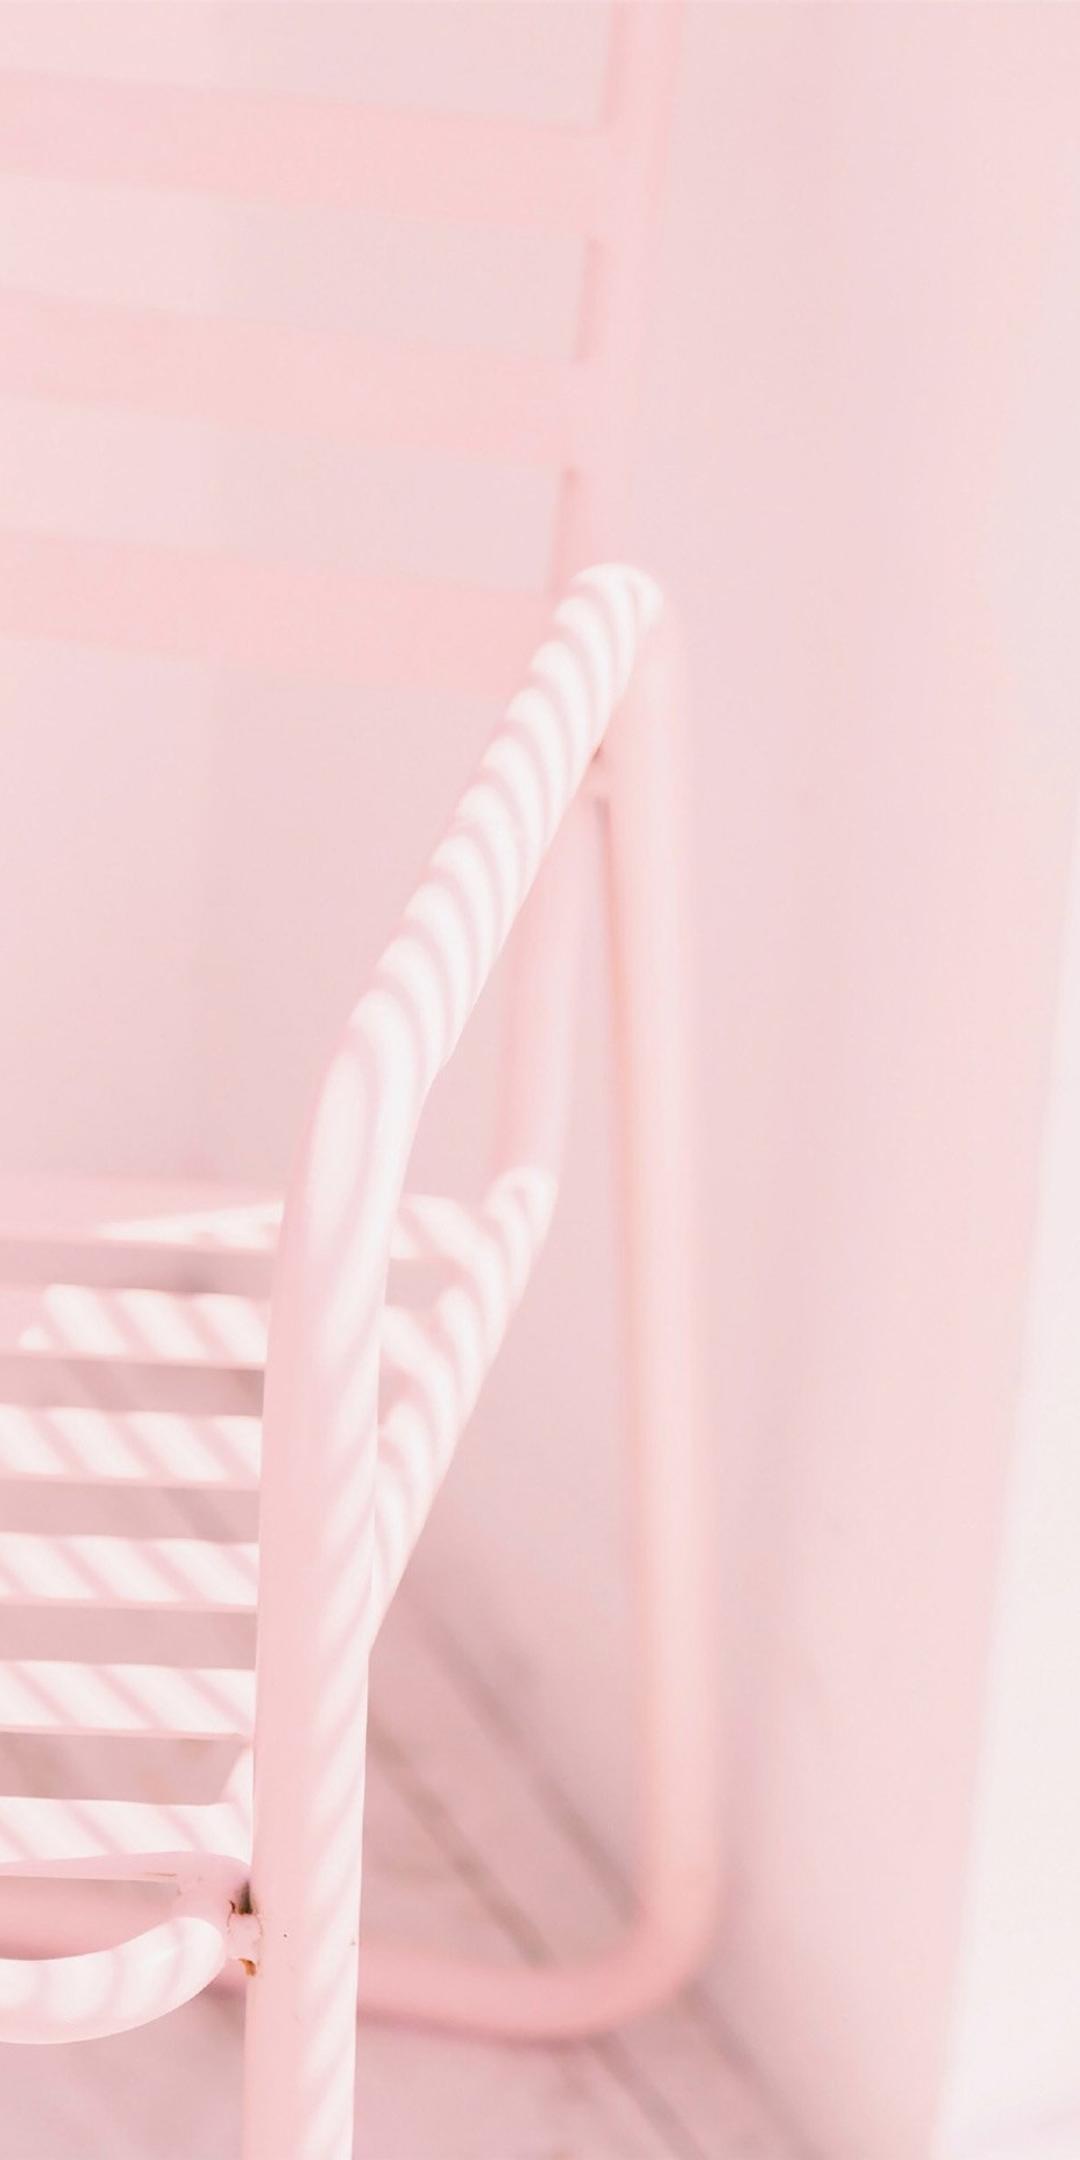 粉色系少女心手机壁纸插图55